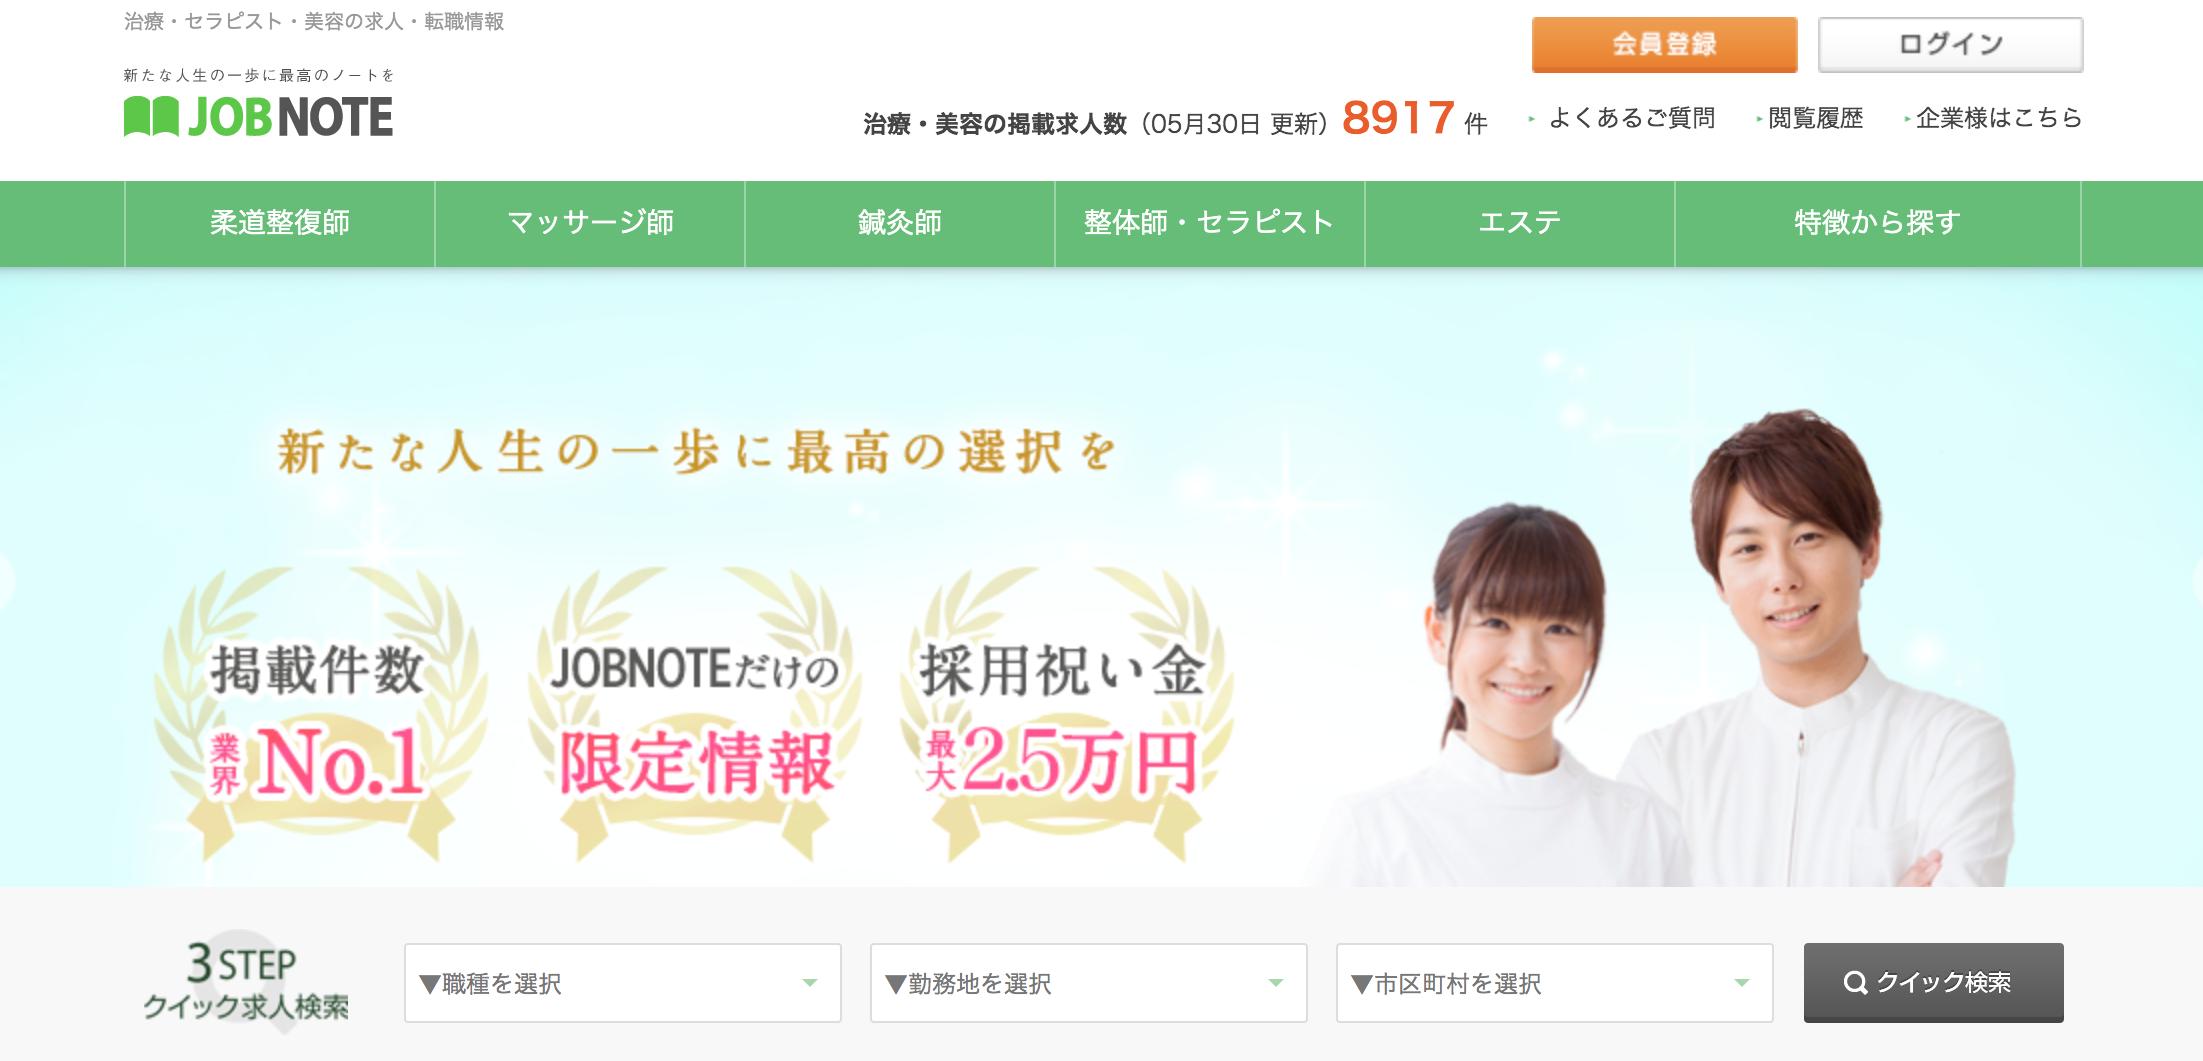 採用祝い金は最大2.5万円!【JOBNOTE】の3つの特徴について